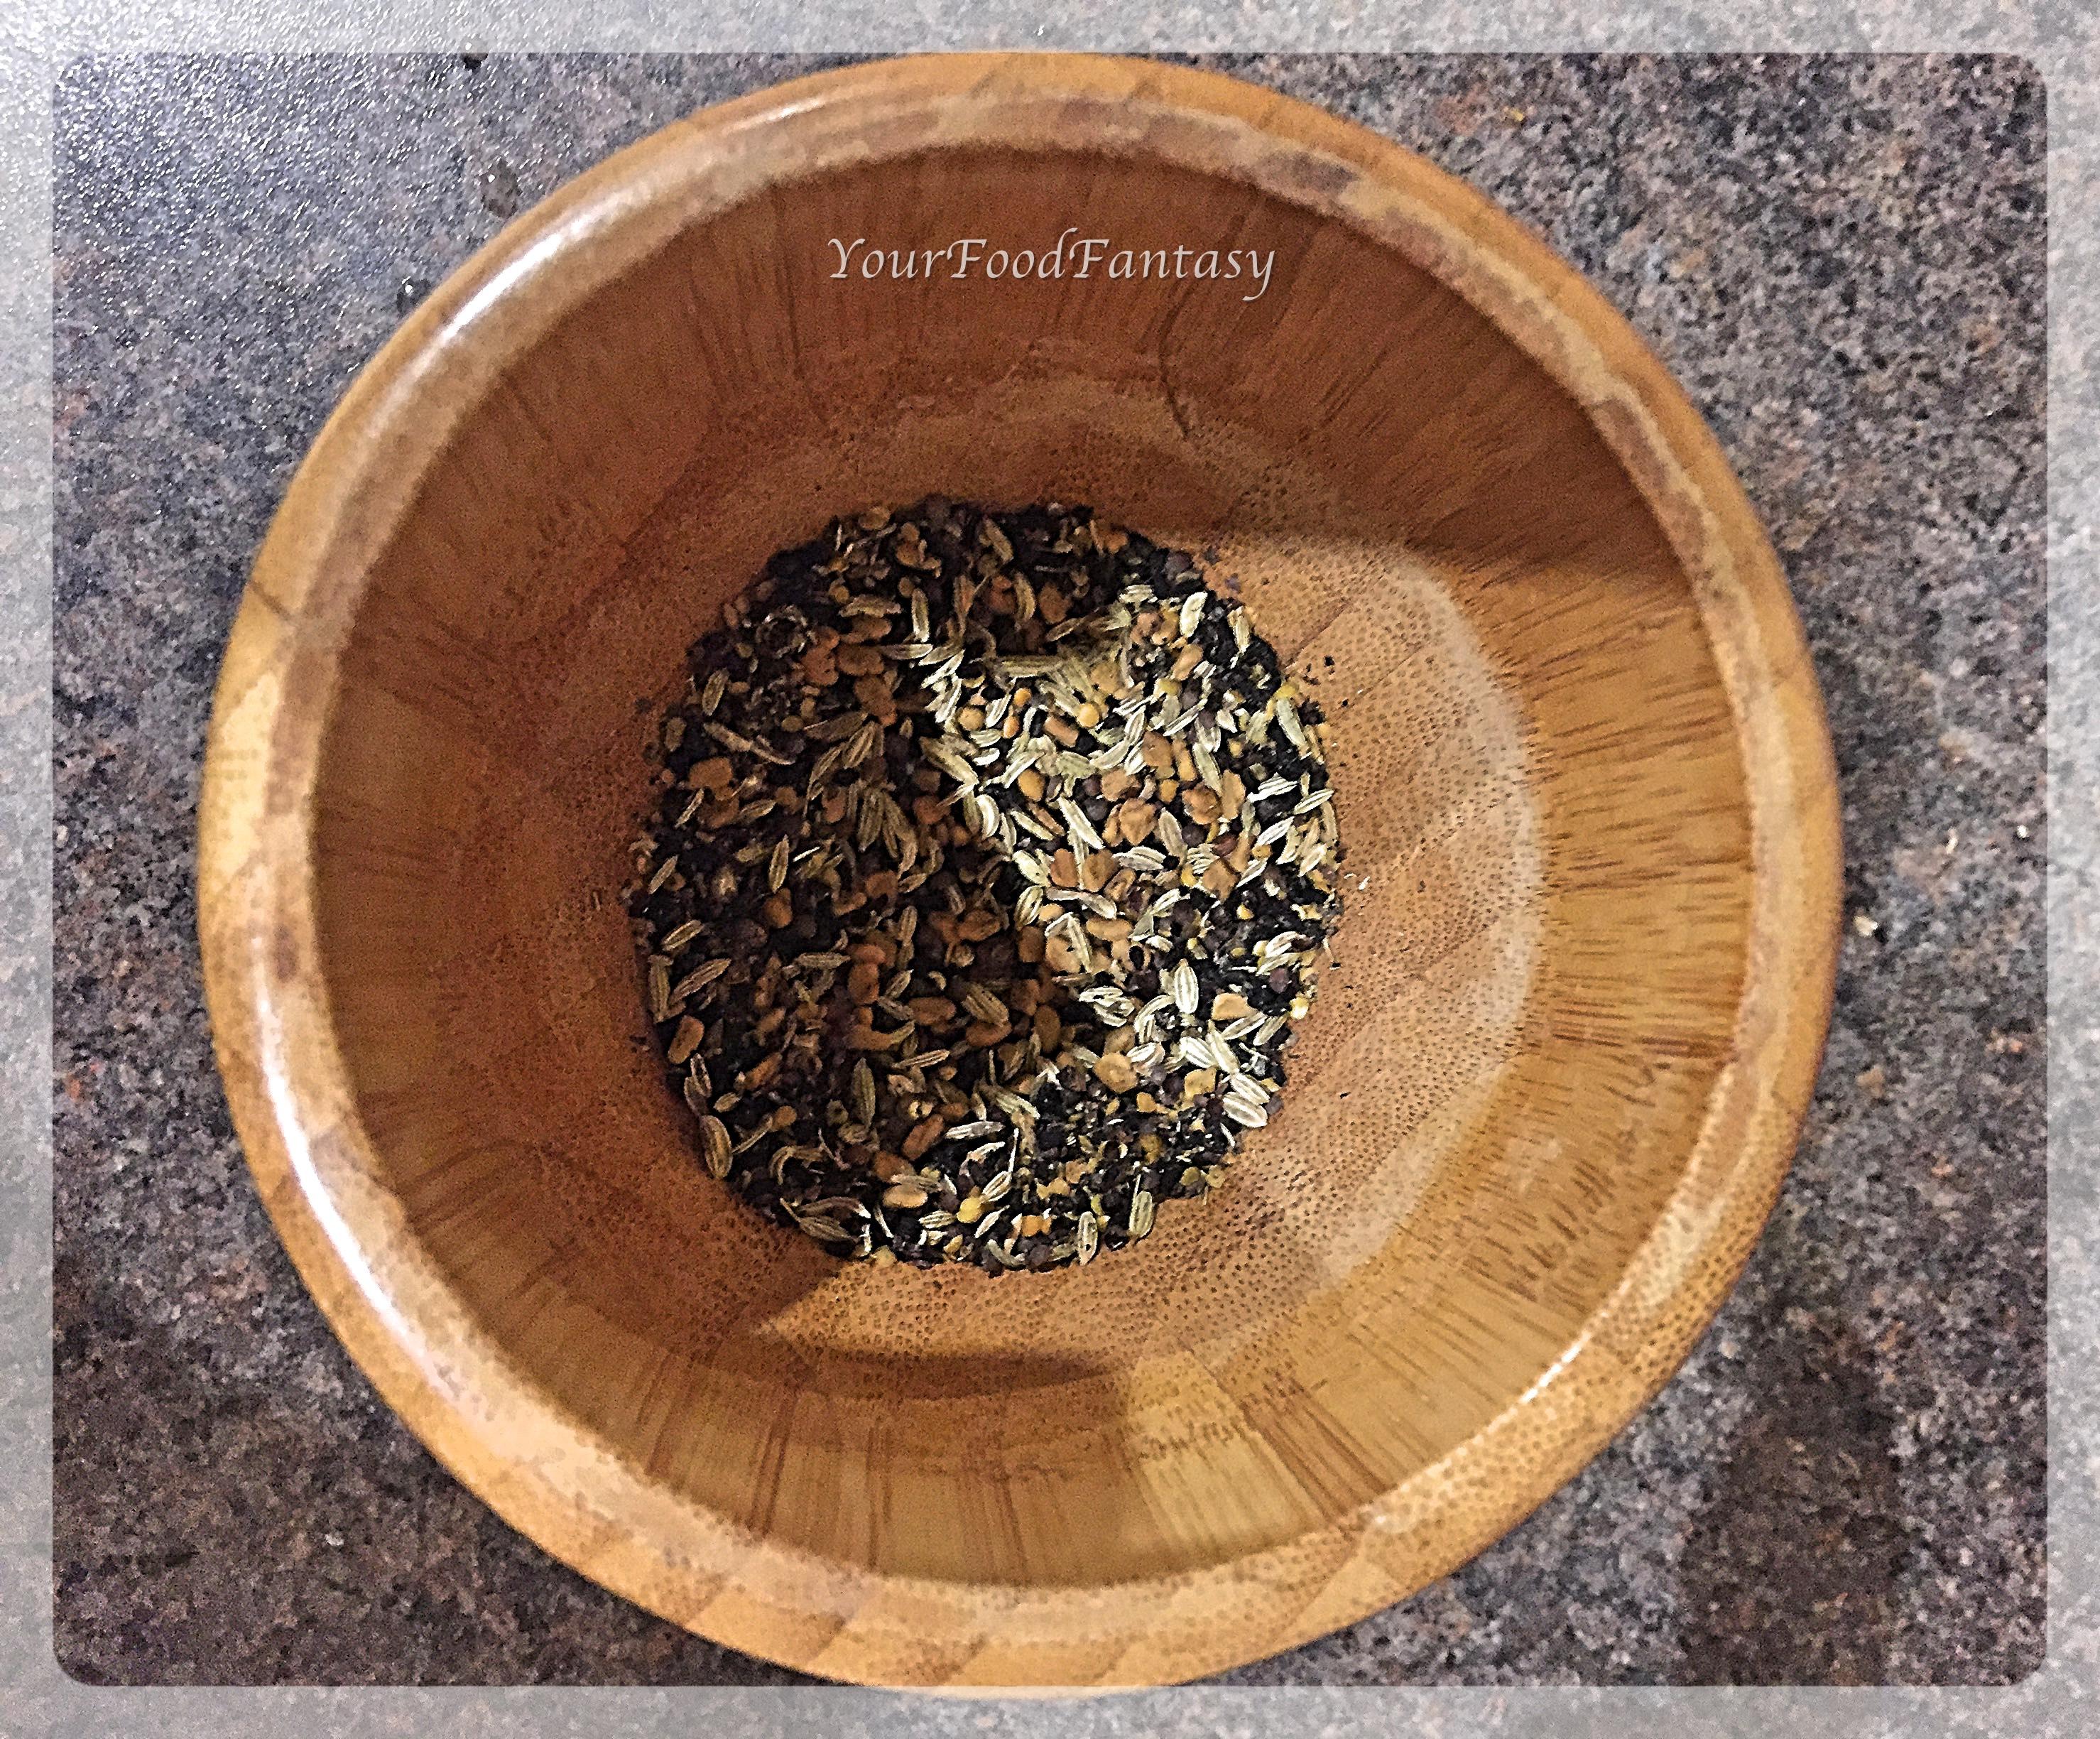 Grinding Spices for Achari Paneer | YourFoodFantasy.com by Meenu Gupta.jpg